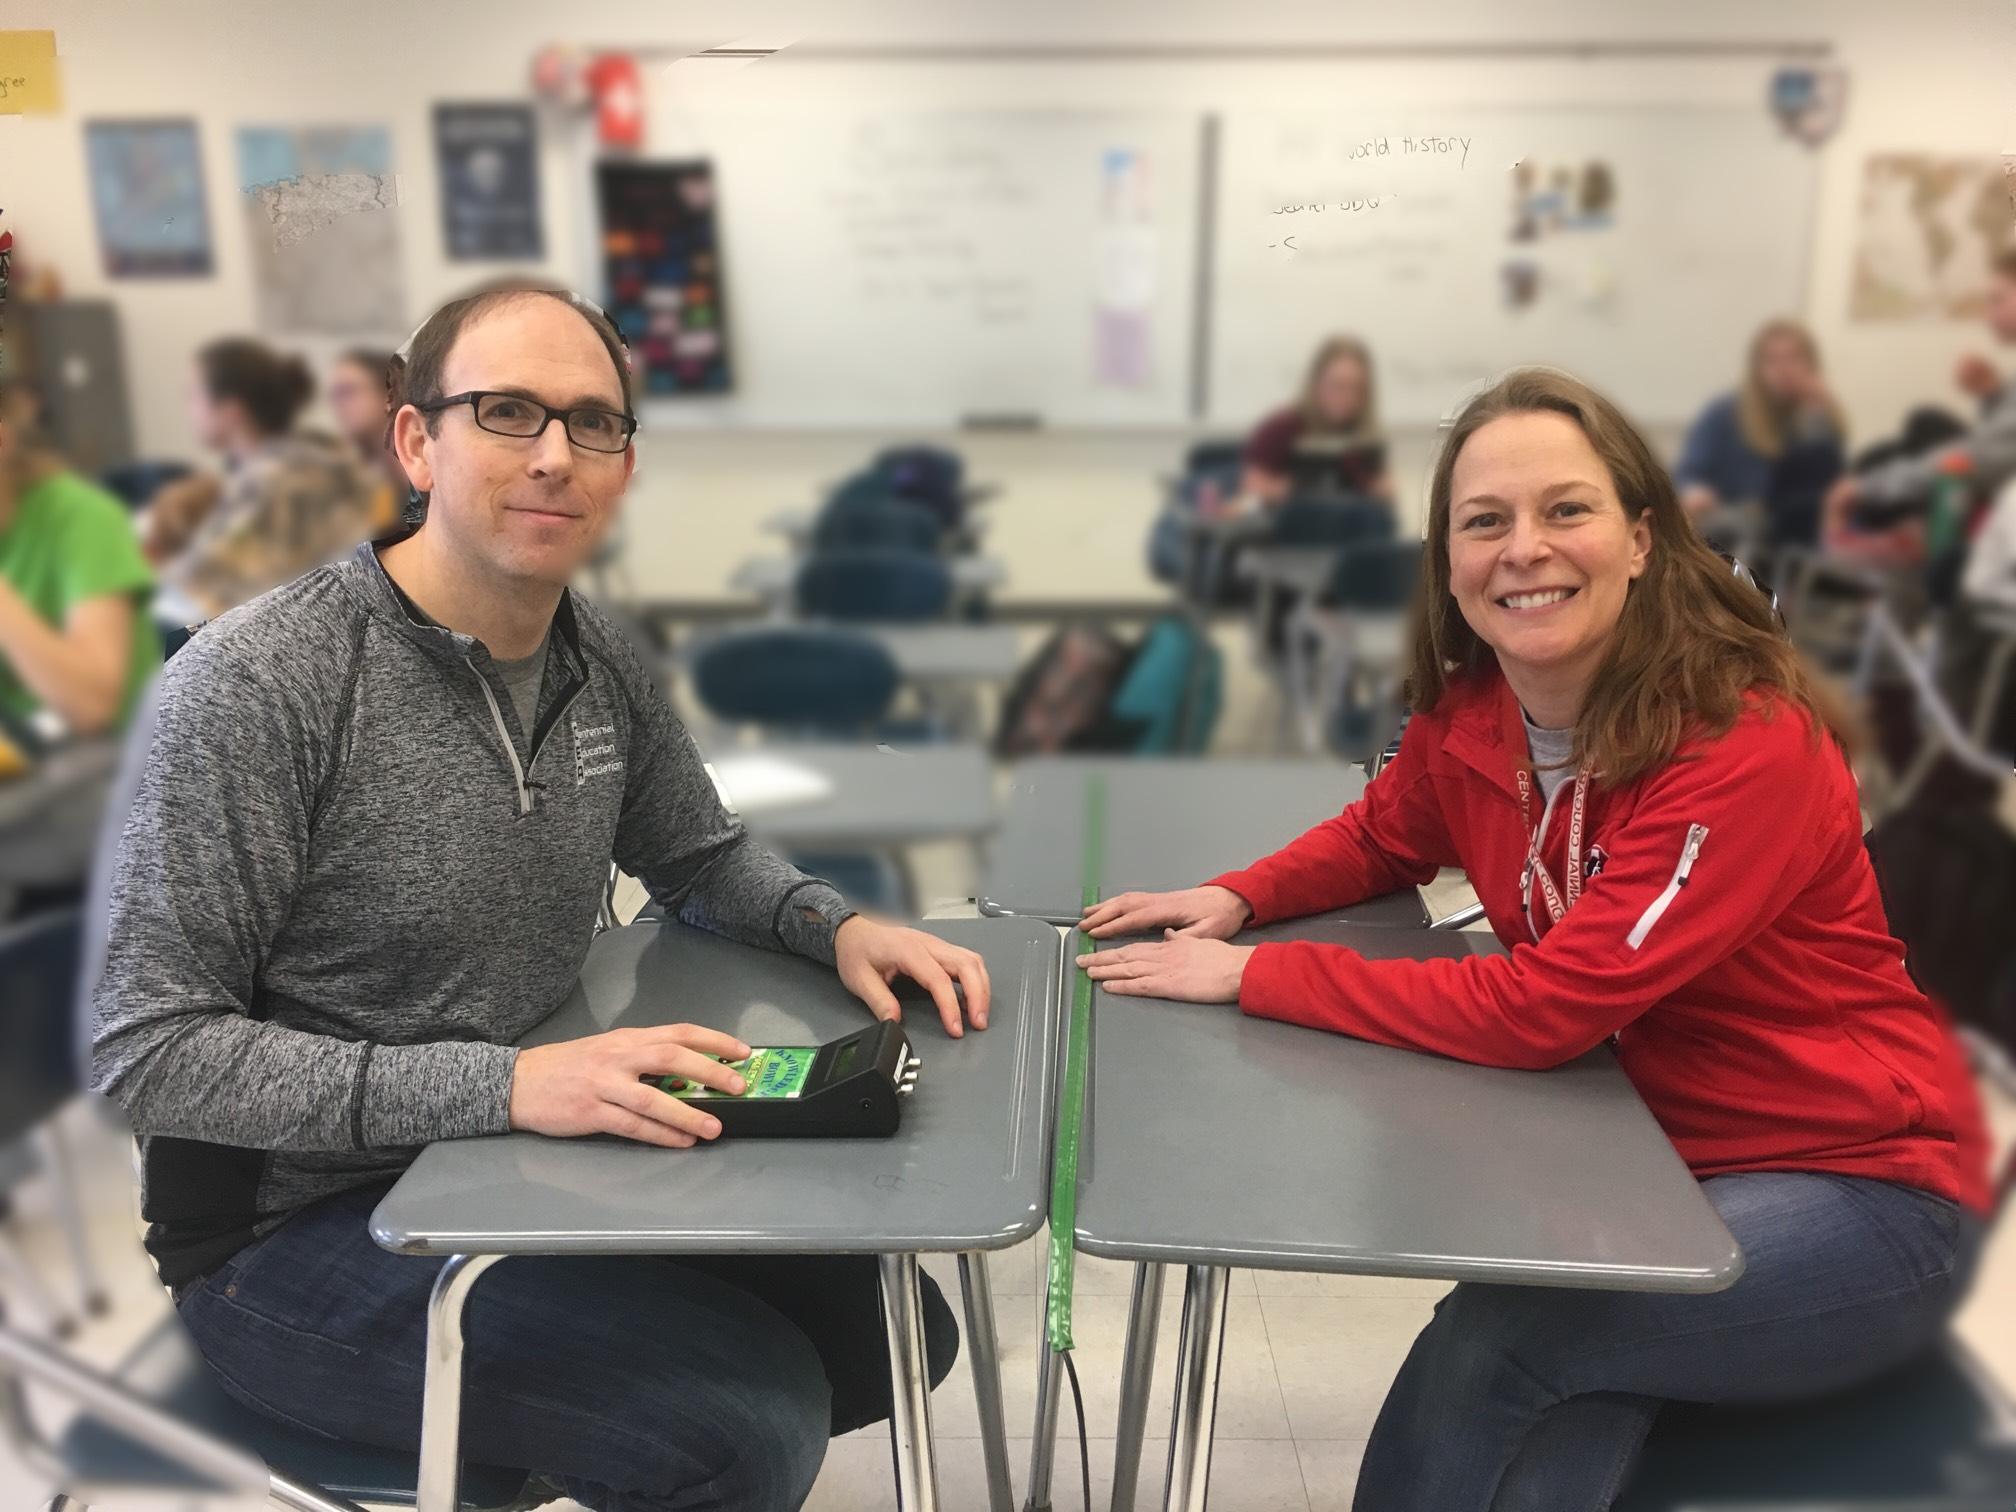 Mr. O'connor and Ms. Heino